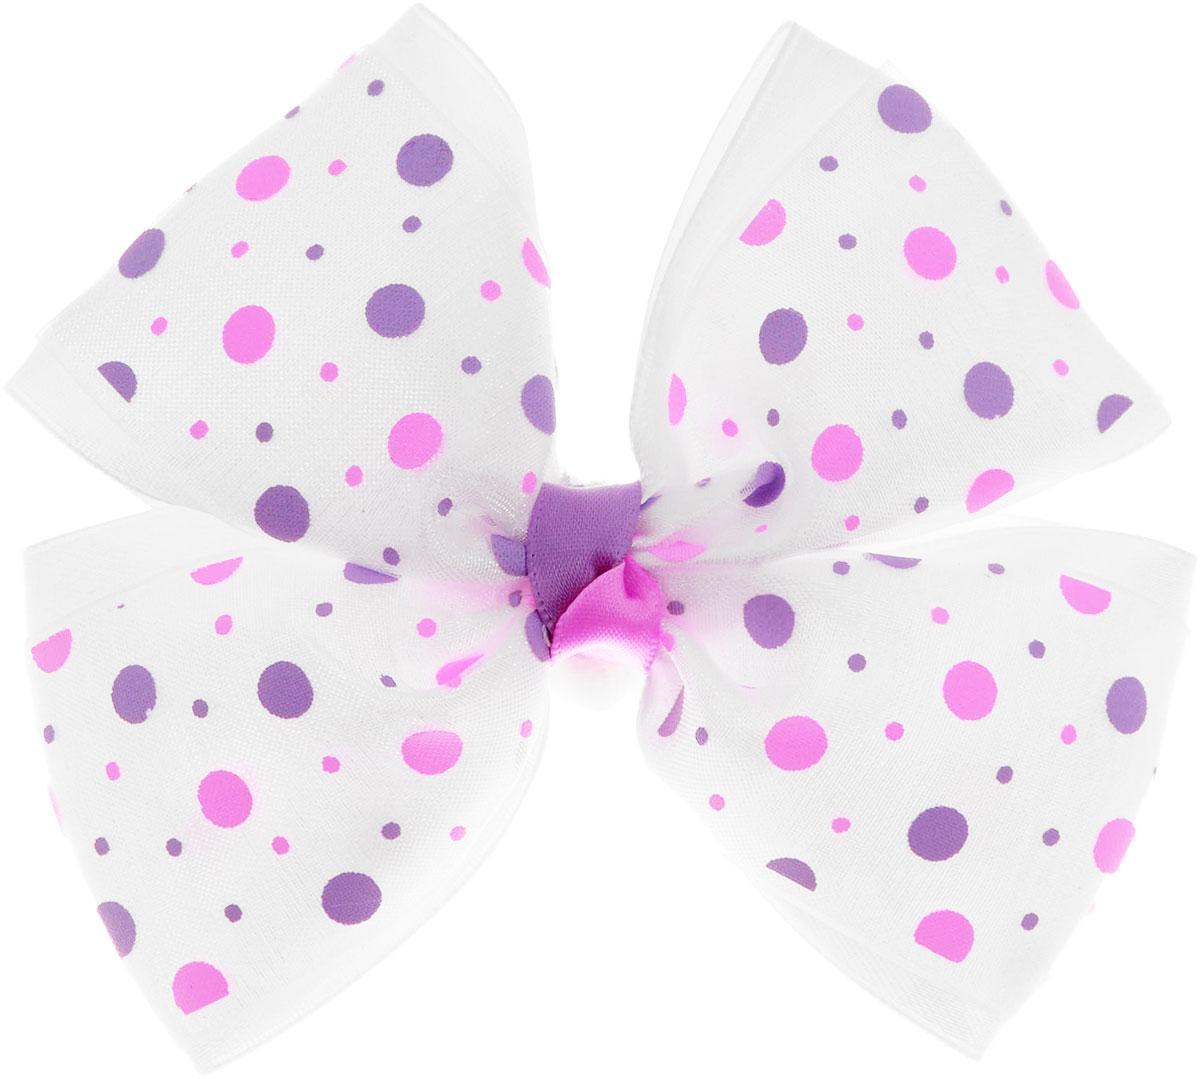 Babys Joy Резинка для волос Бантик цвет белый фиолетовый розовыйMN 122_белый, фиолетовый и розовый горошекРезинка для волос Babys Joy декорирована большим двойным бантиком. Резинка позволит не только убрать непослушные волосы с лица, но и придать образу романтичности и очарования. Резинка для волос Babys Joy подчеркнет уникальность вашей маленькой модницы и станет прекрасным дополнением к ее неповторимому стилю.